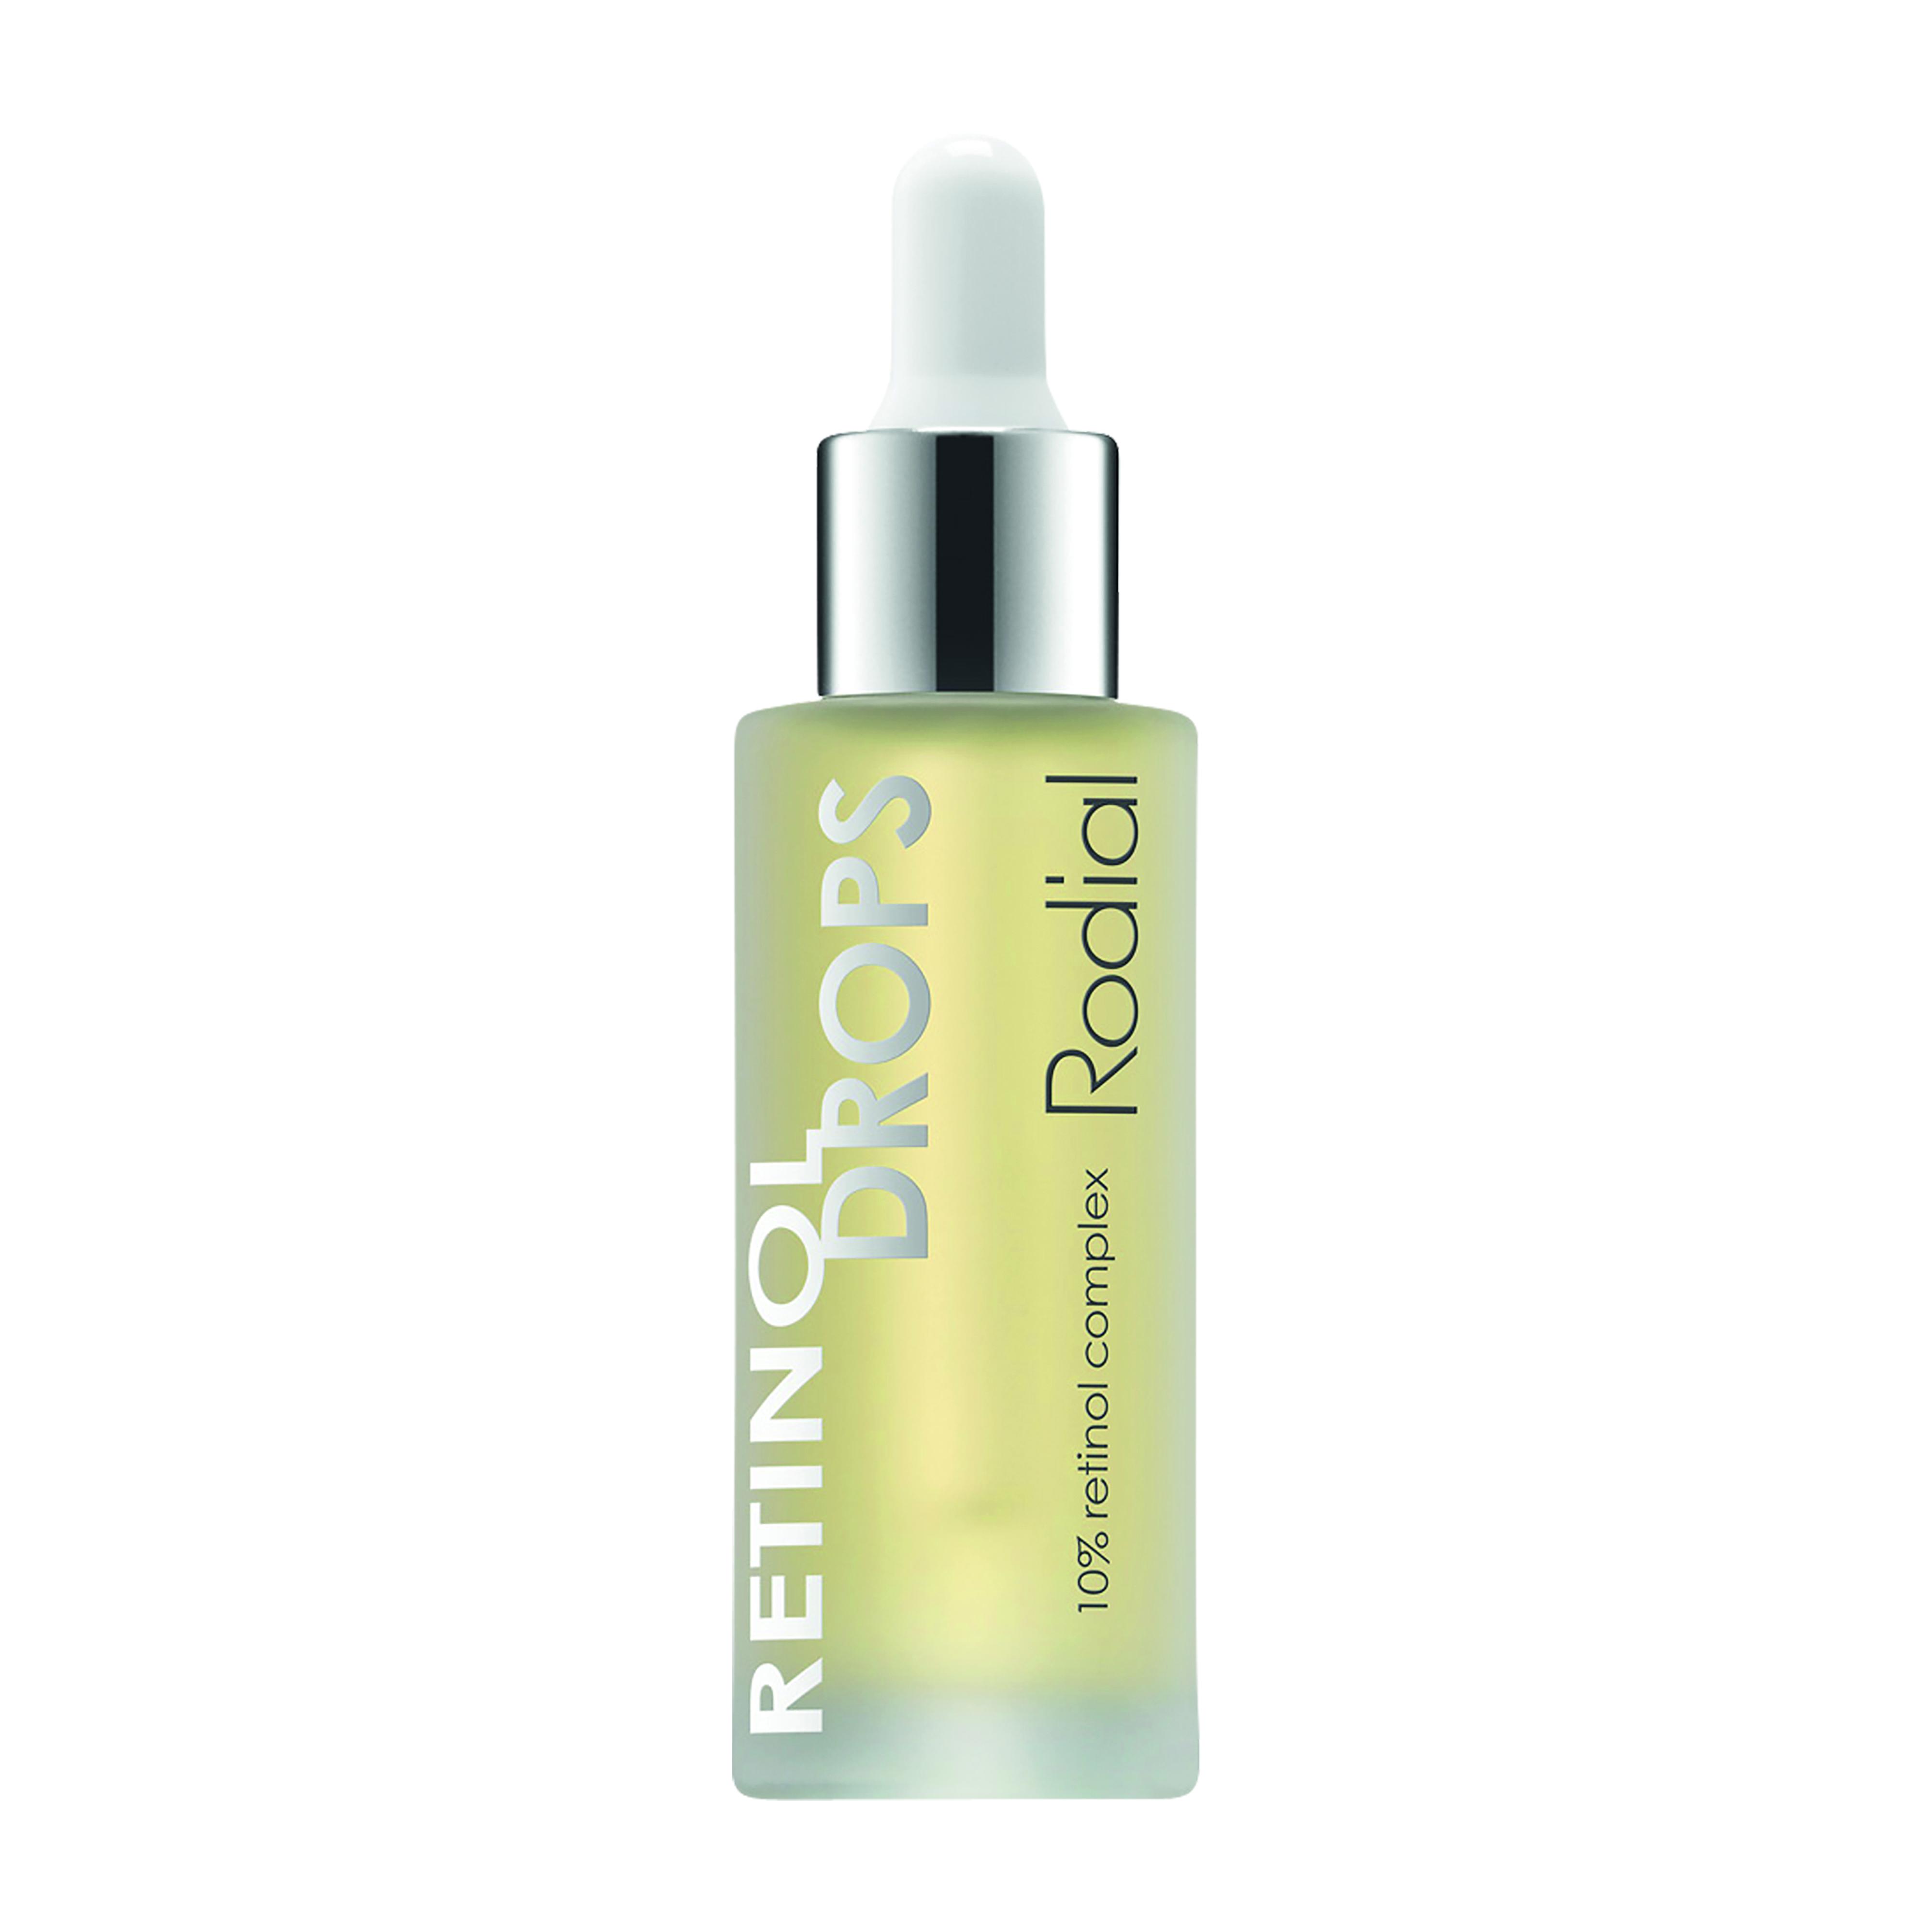 Retinol 30% Booster Drops 30ml